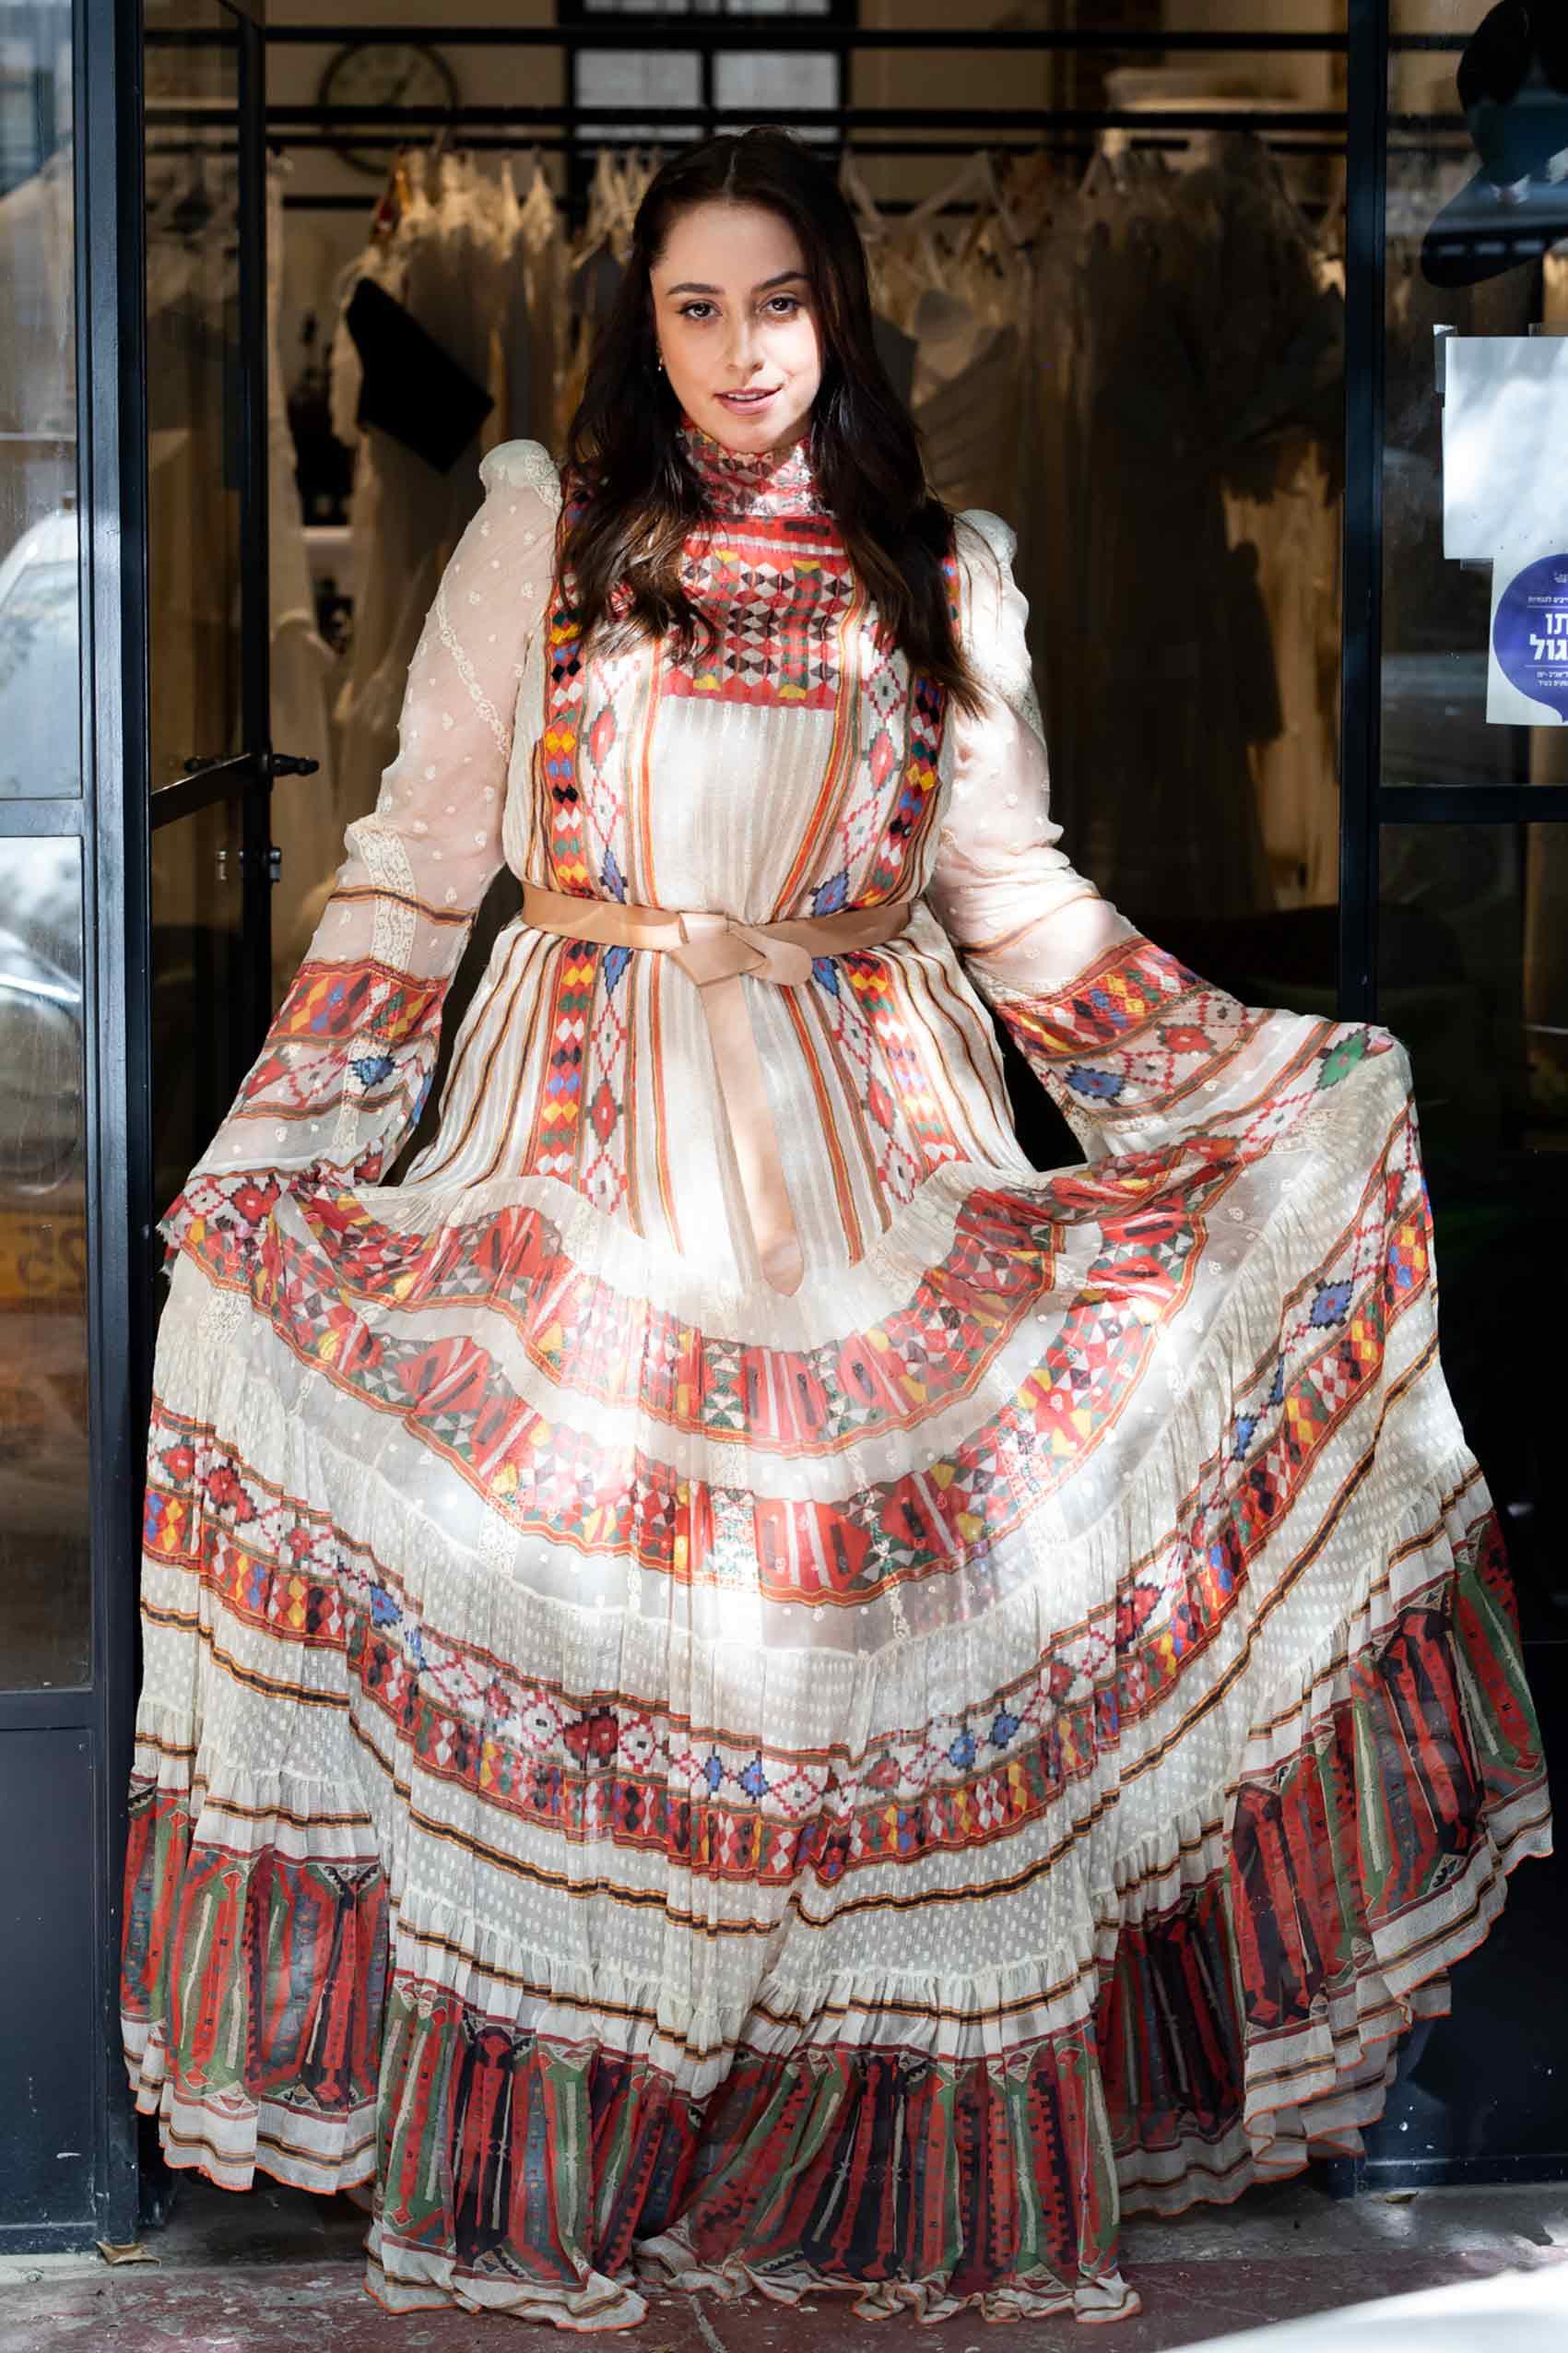 מגזין-אופנה-טלי ארבל לובשת ויוי בלאיש, צילום: שלי פדן-לורבר-מגזין-אופנה